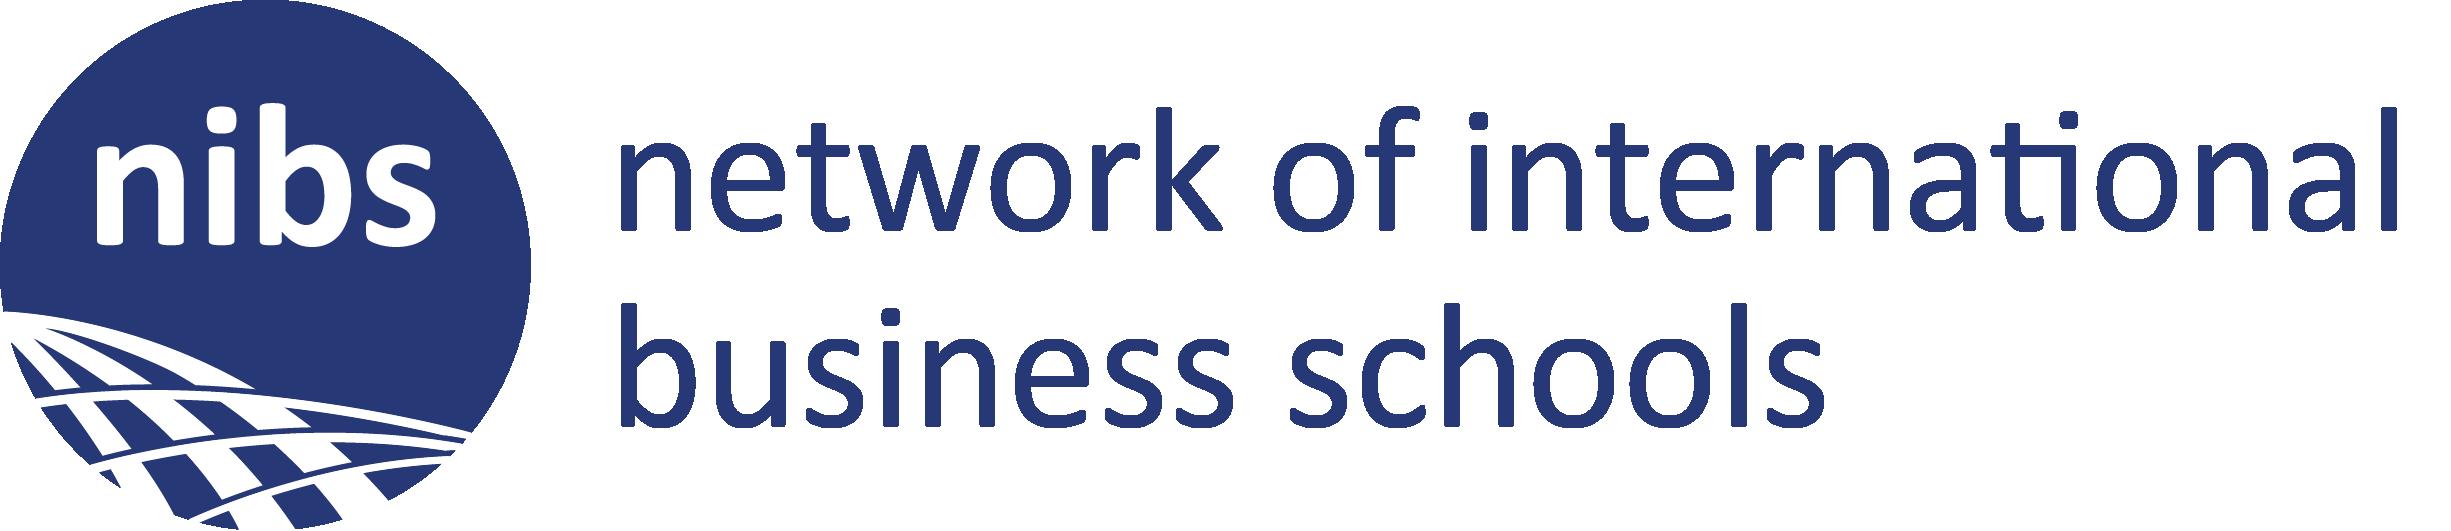 NIBS wordmark